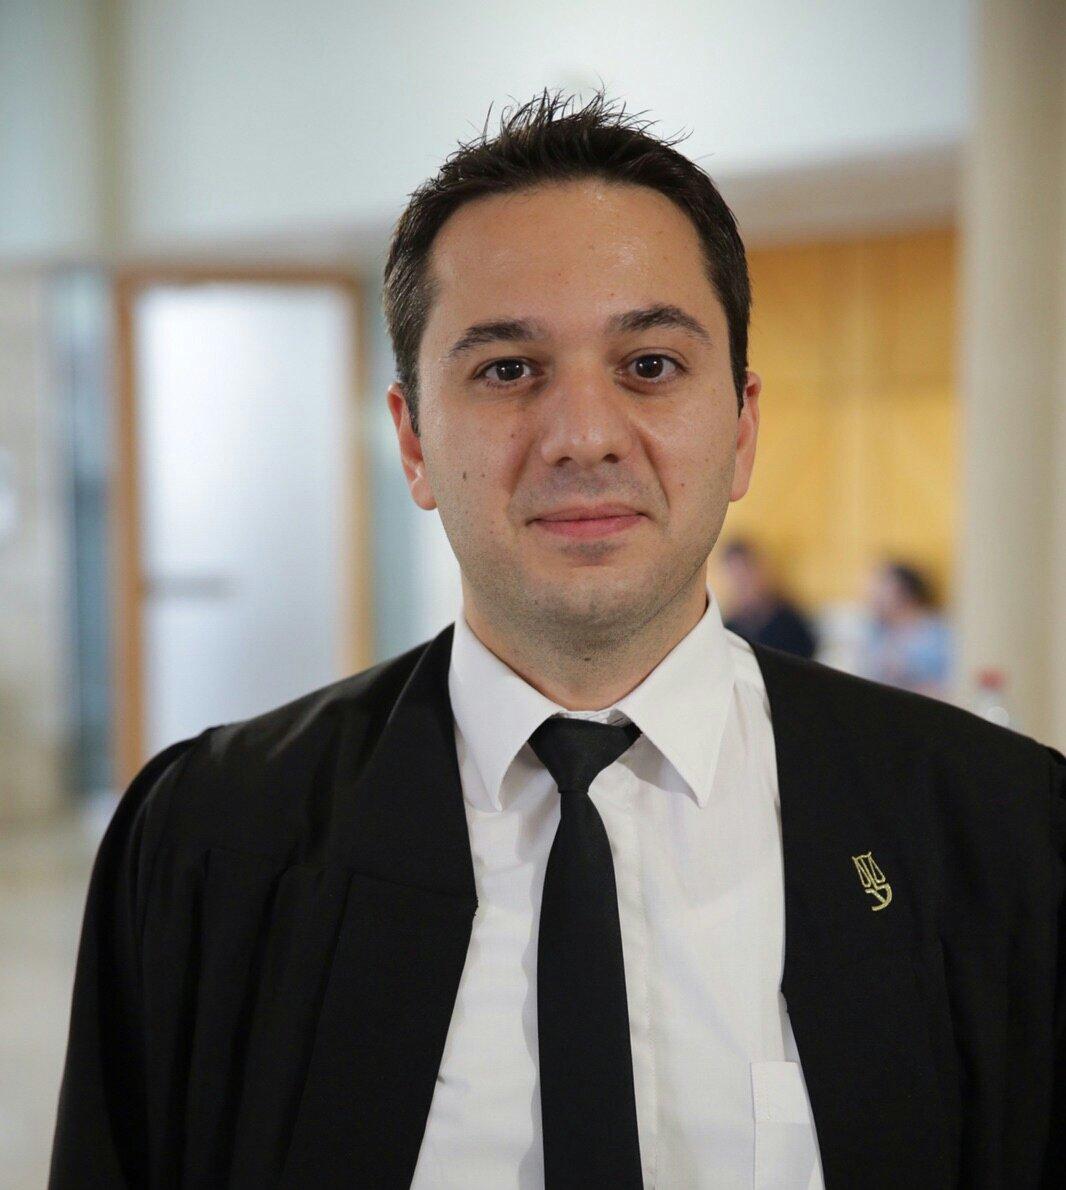 المحكمة تمنح خريجيين من بين كليات الطب في أرمينيا من التقدم لامتحان الدولة لترخيص الأطباء